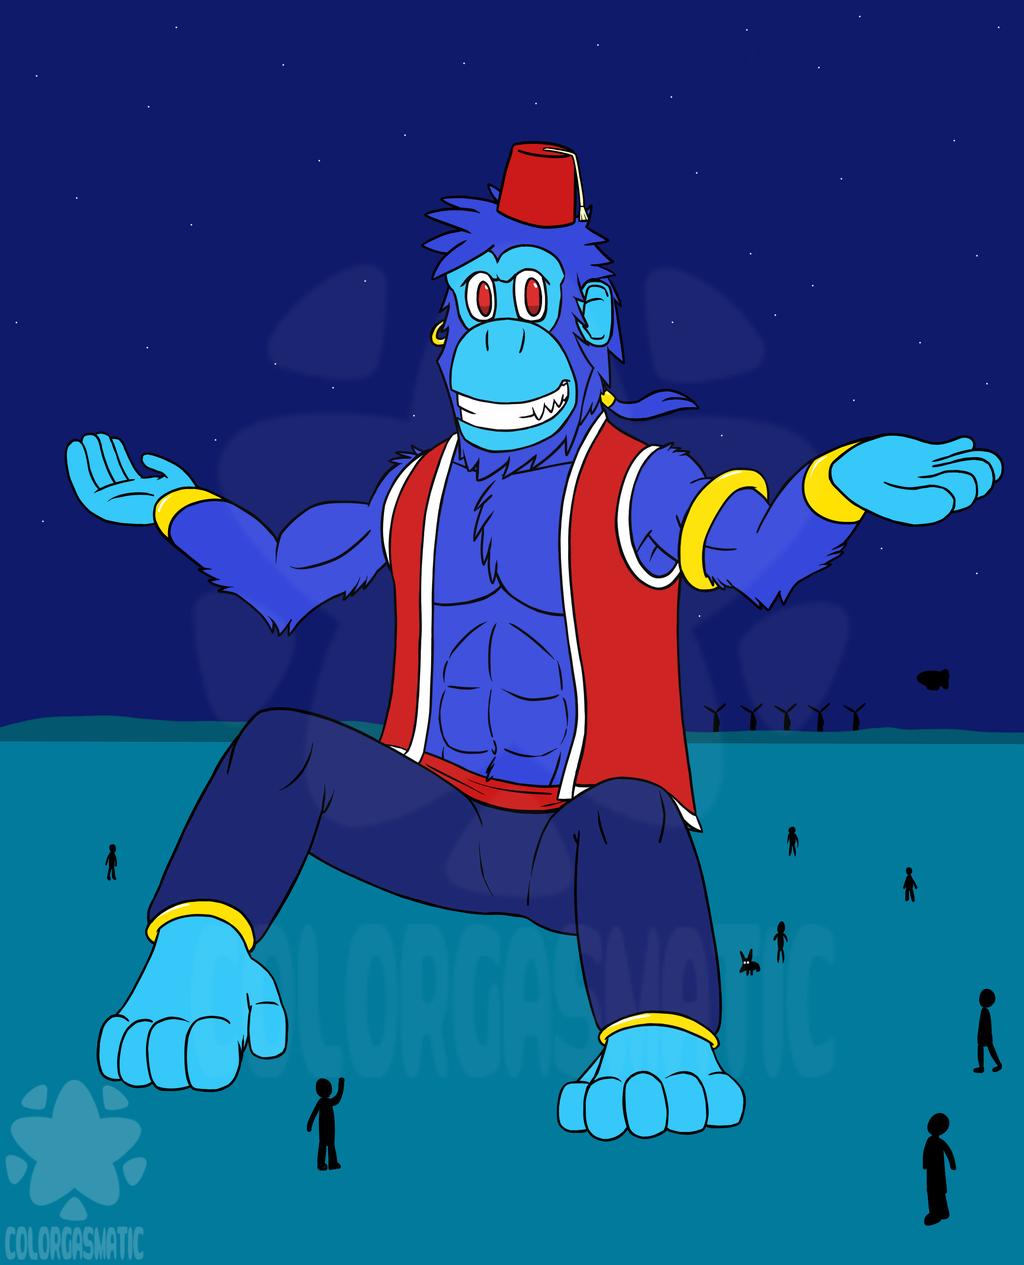 A Great Giant Genie-us